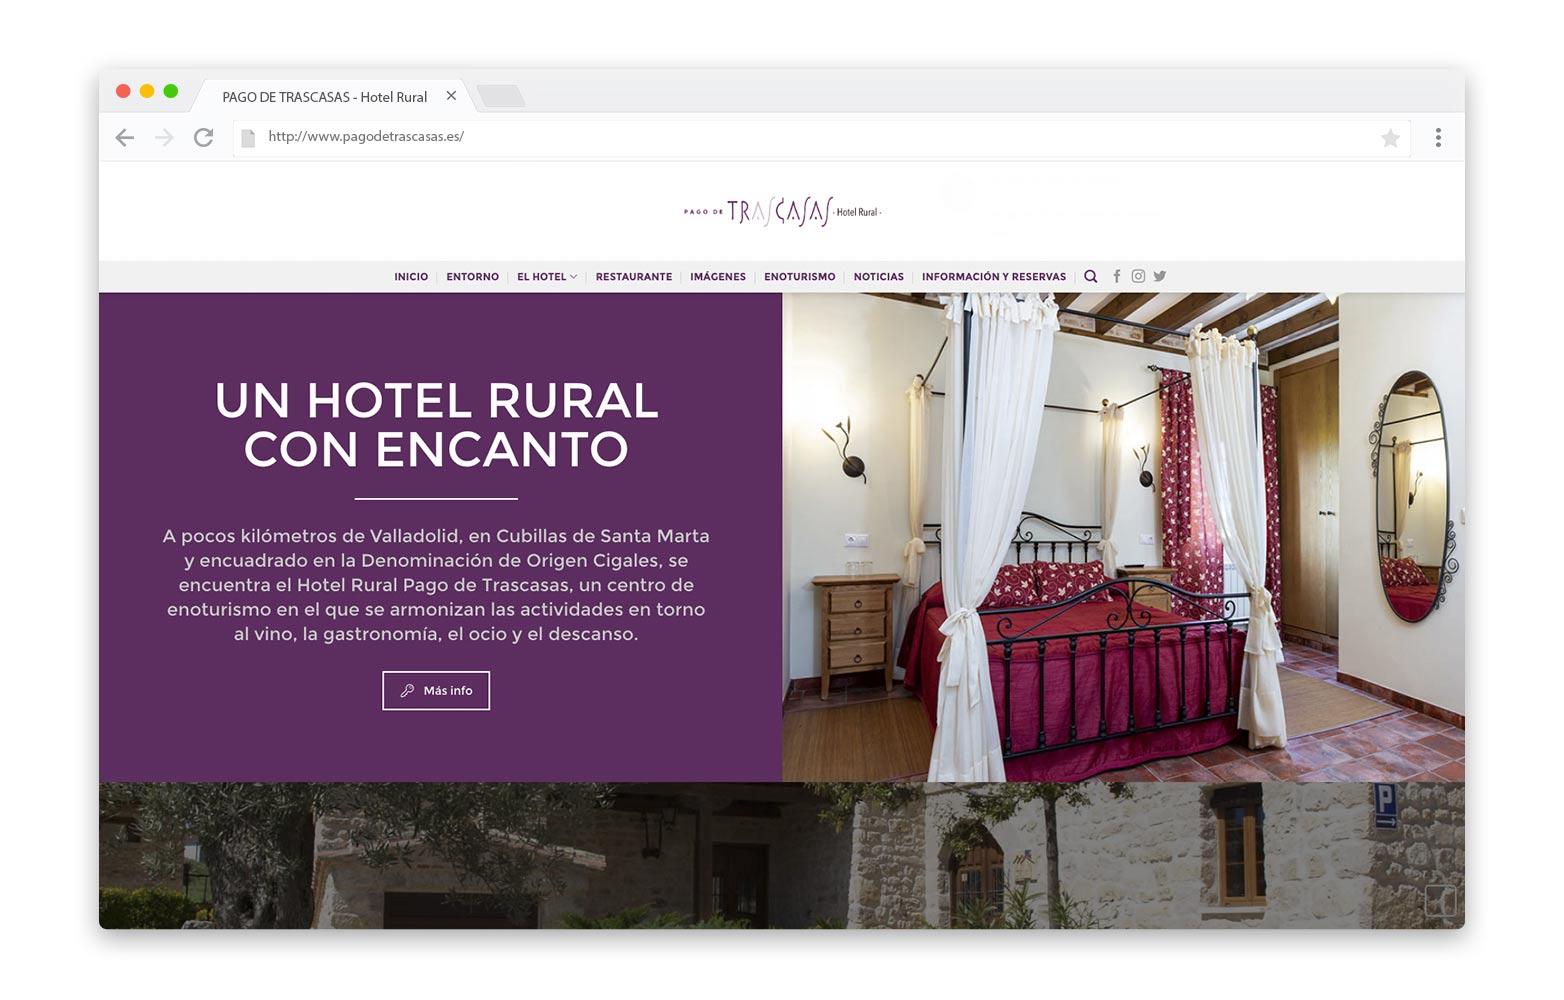 PAGO DE TRASCASAS - Diseño Web - alQuimia Publicidad - Valladolid